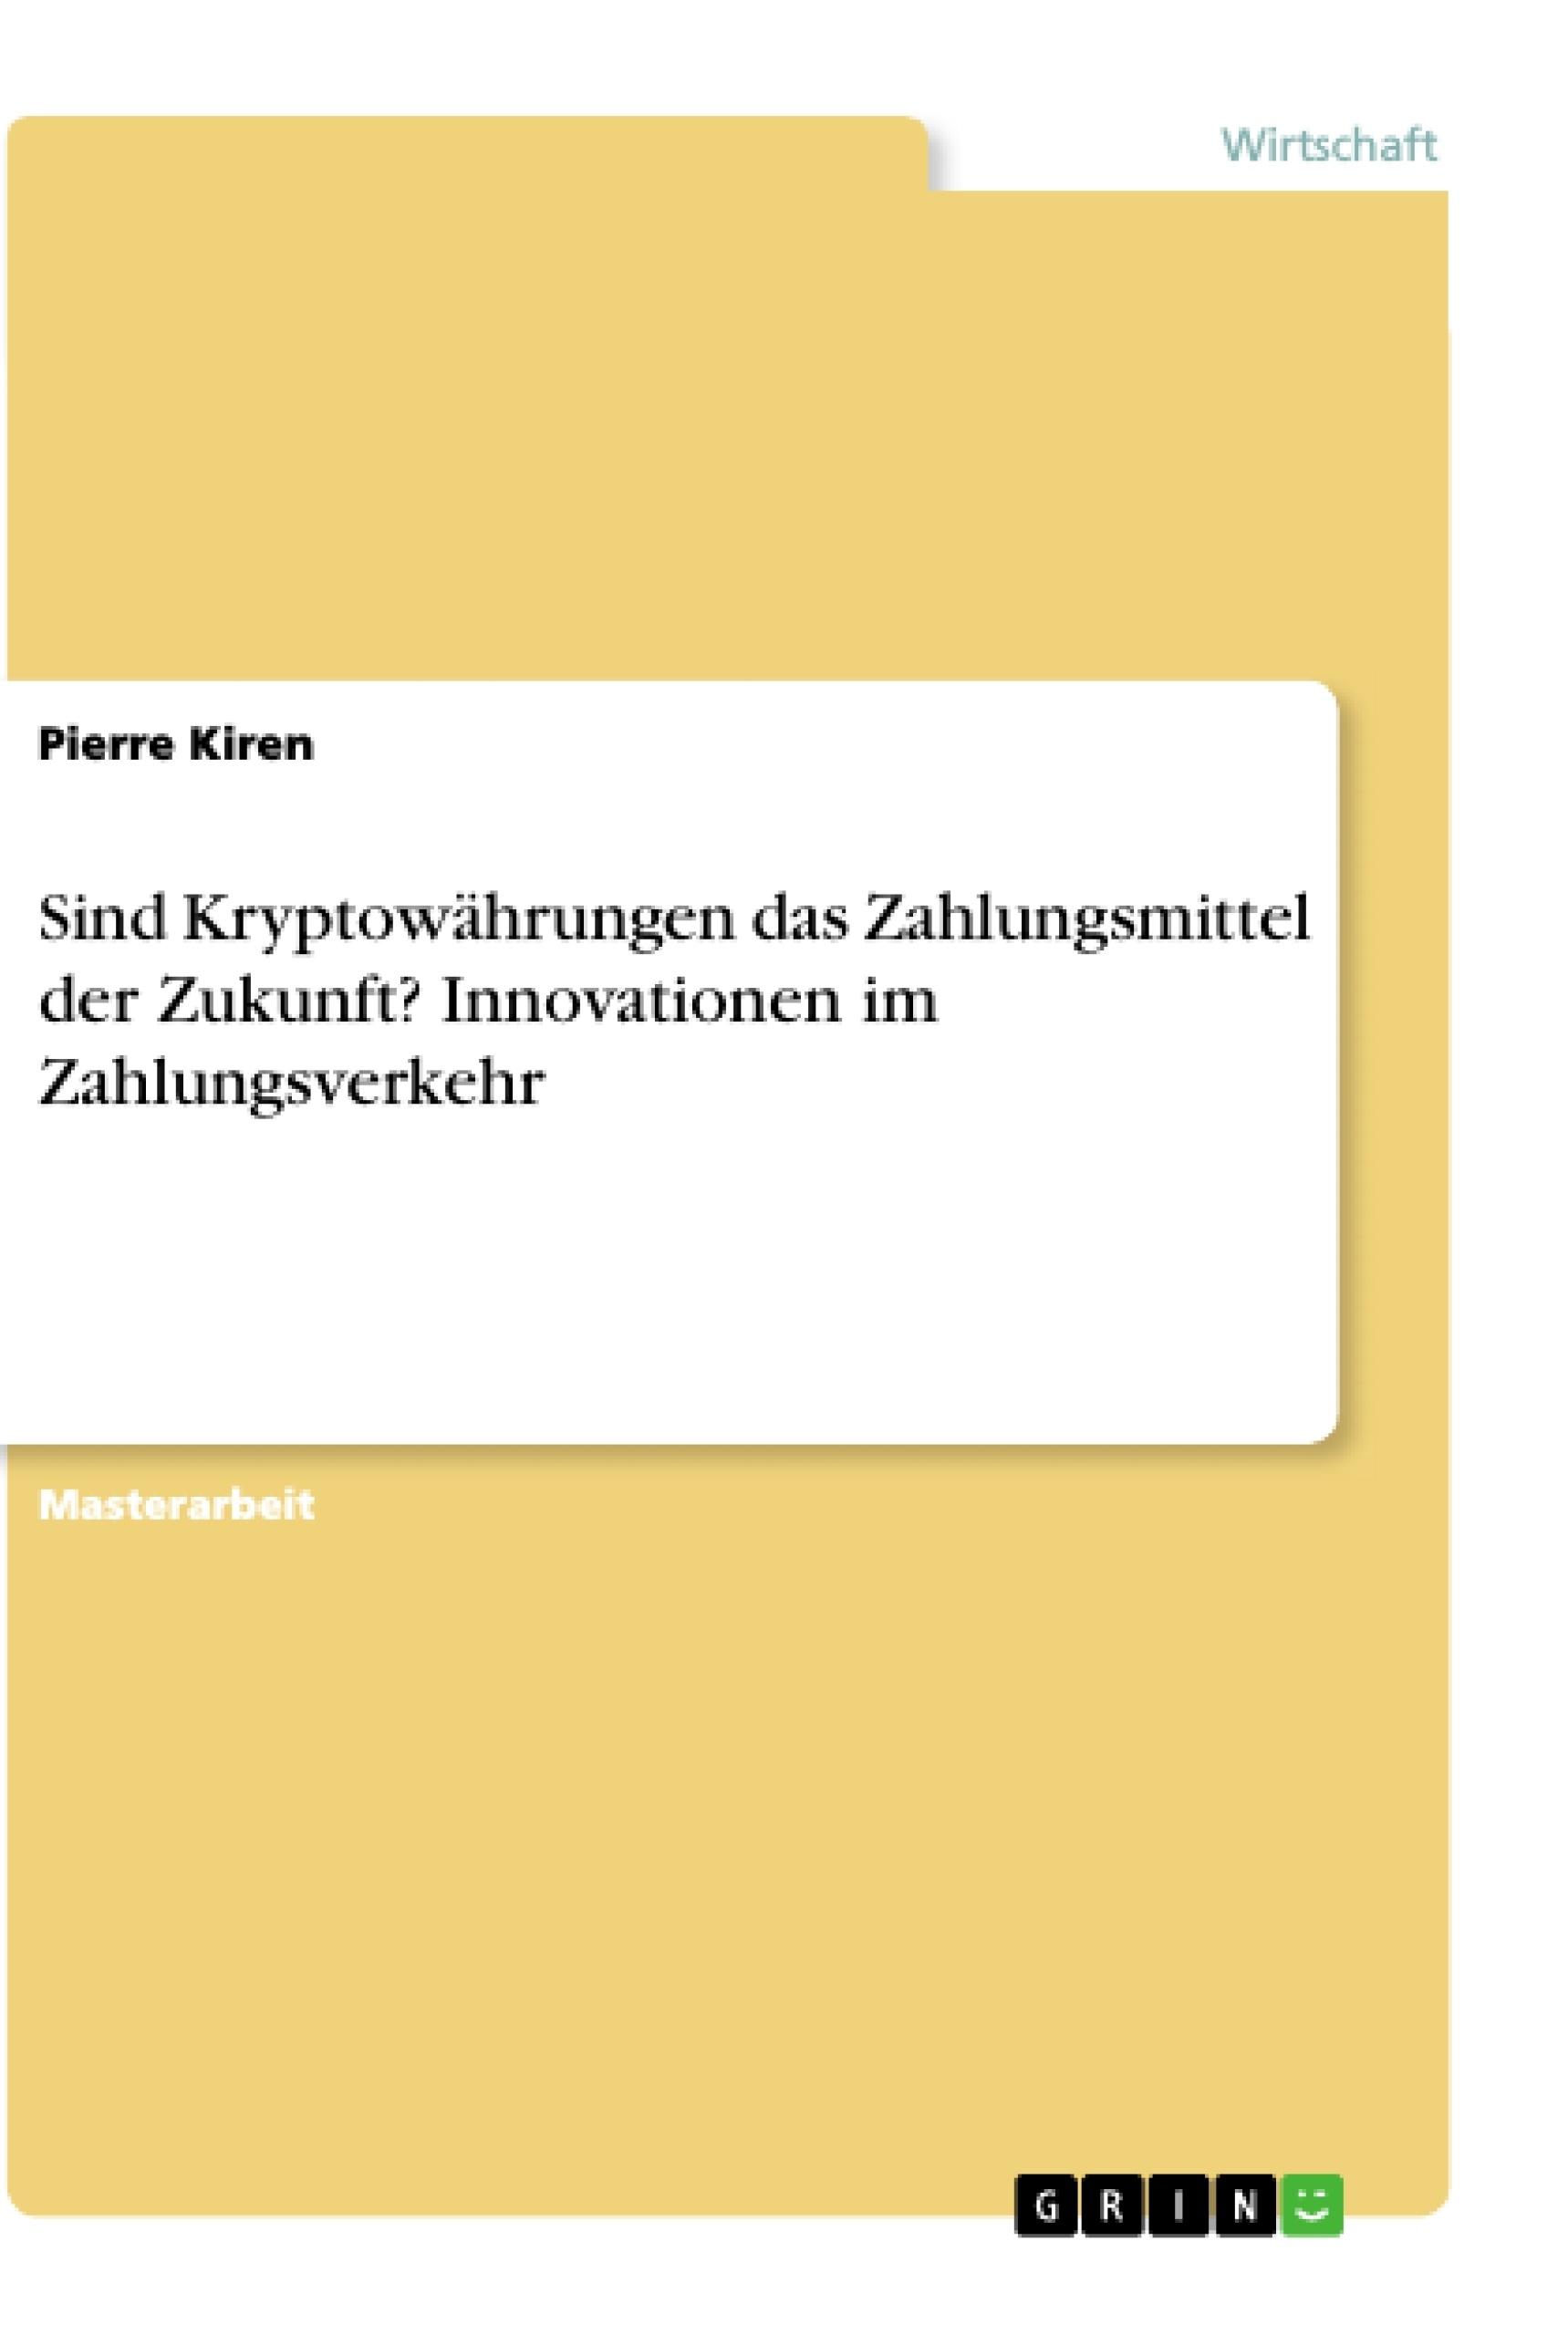 Titel: Sind Kryptowährungen das Zahlungsmittel der Zukunft? Innovationen im Zahlungsverkehr